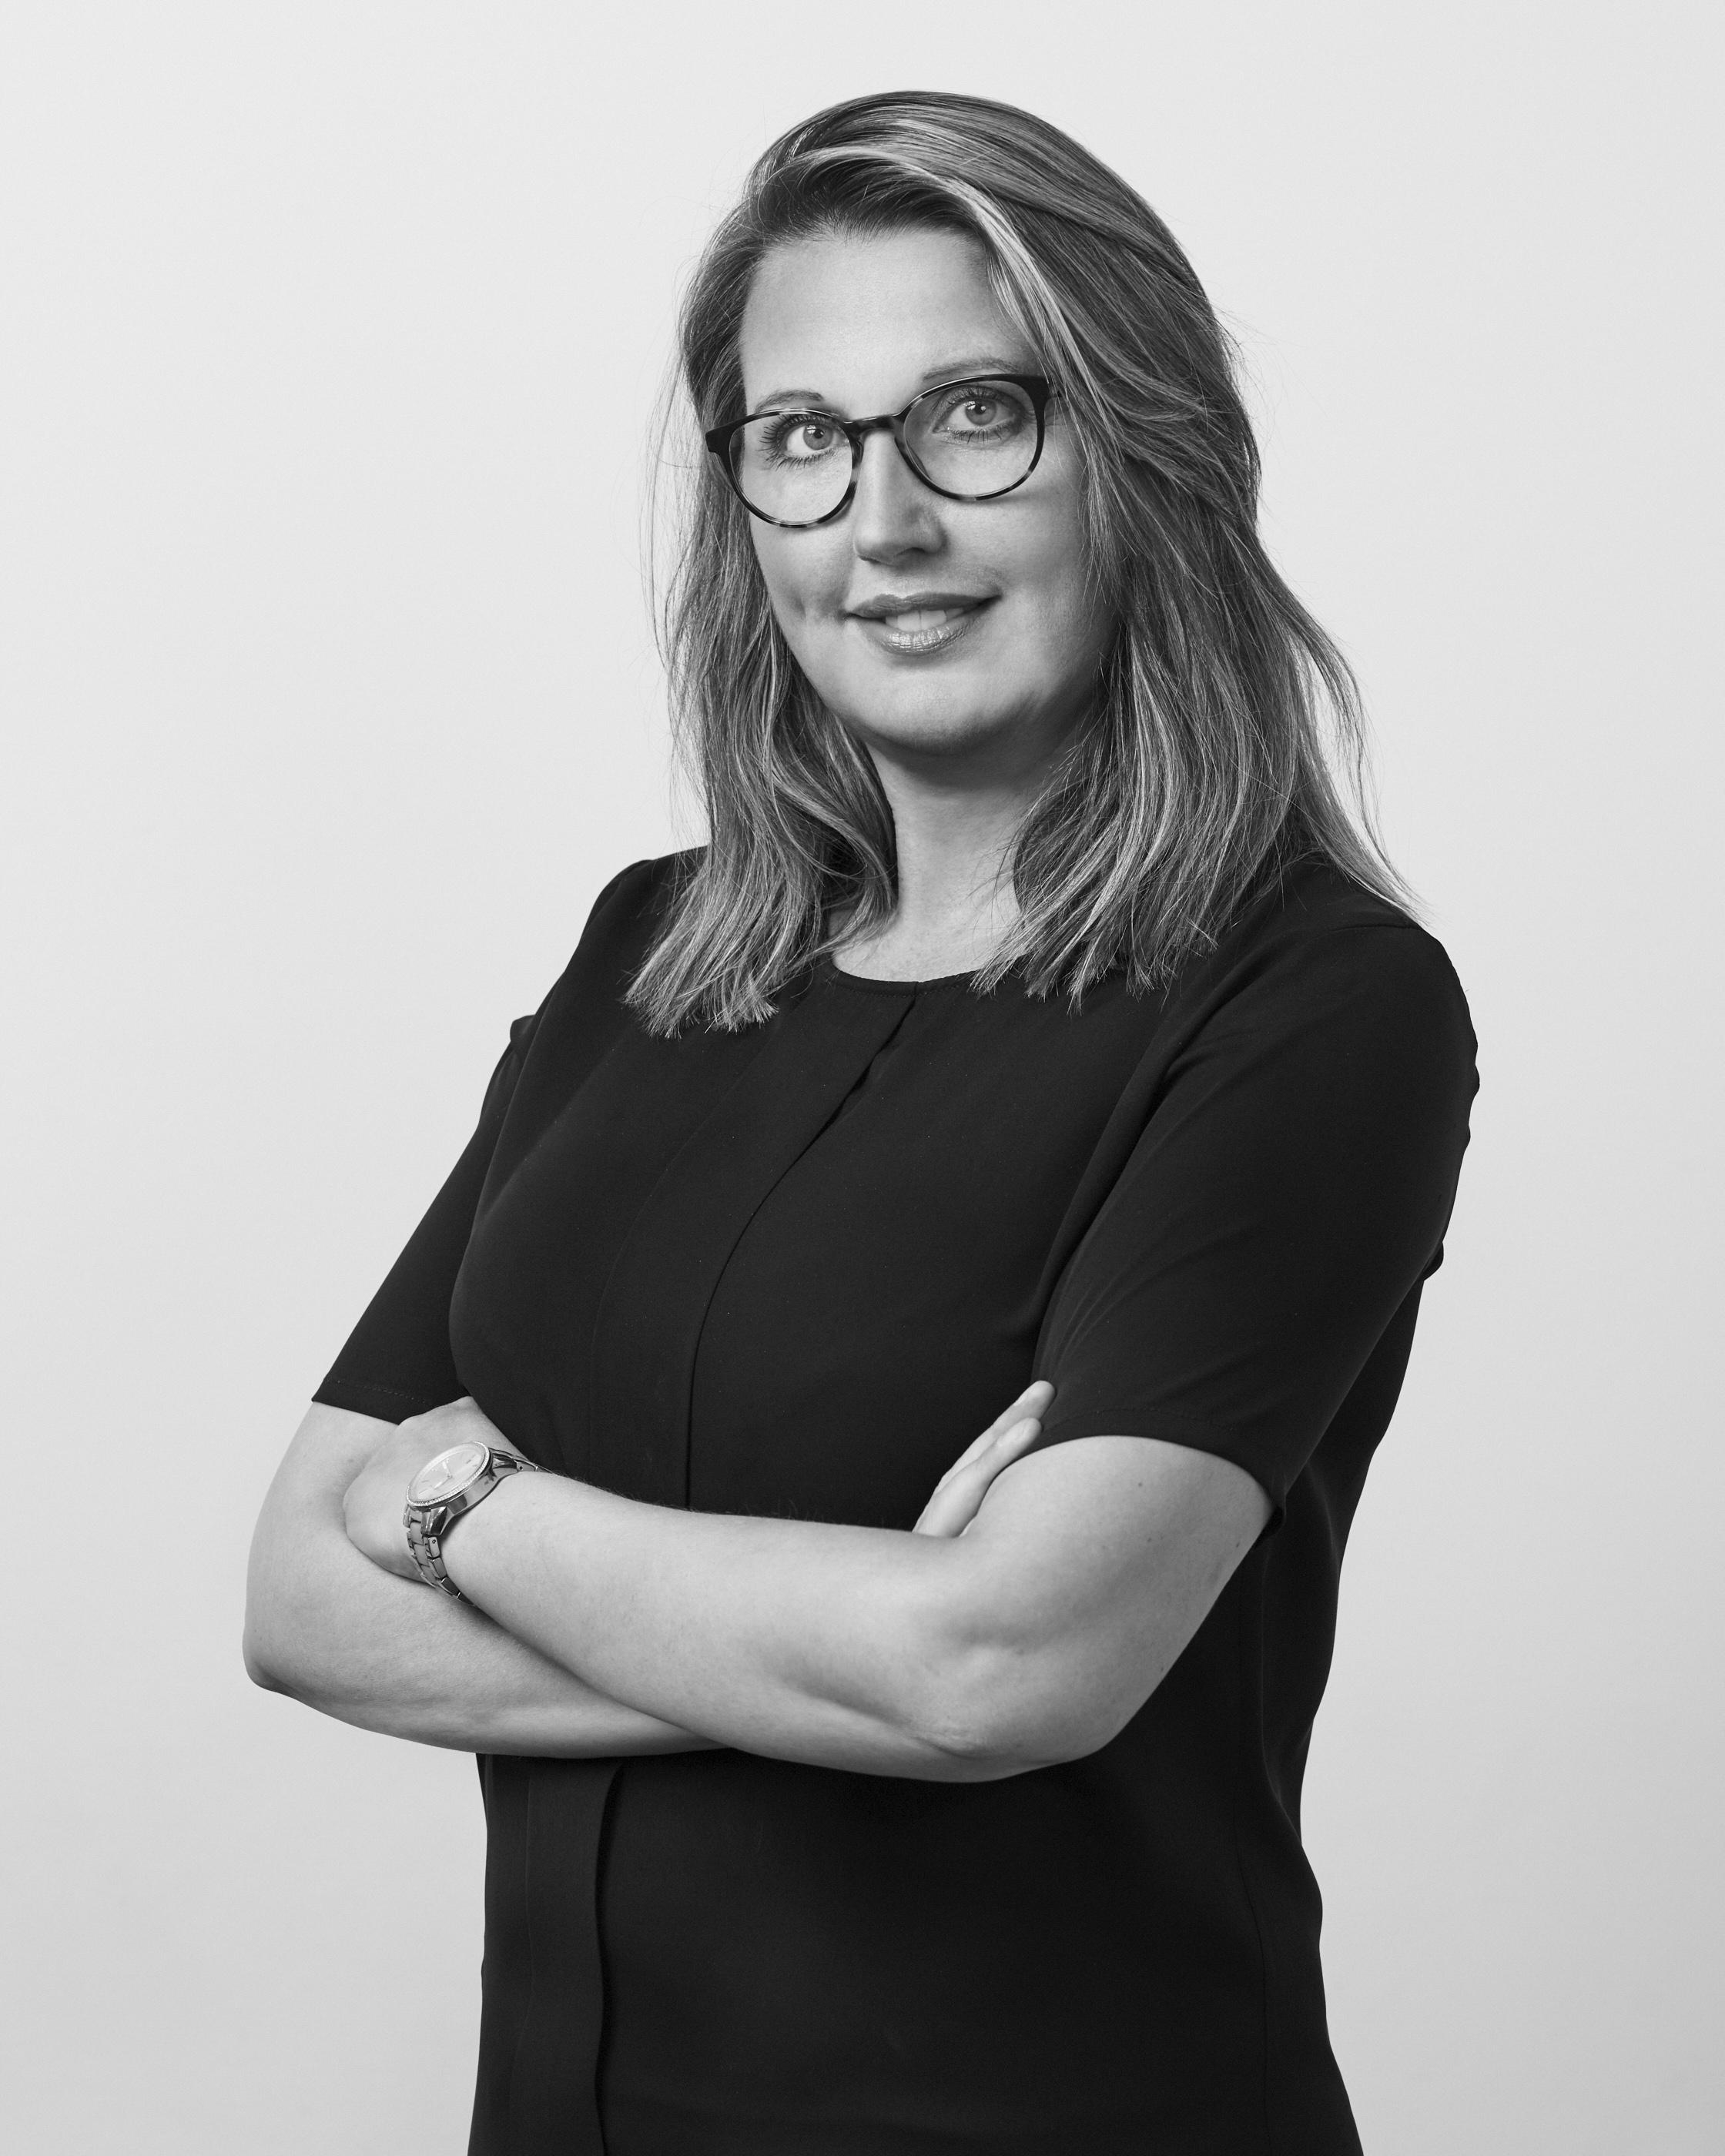 Charlotte Sandström